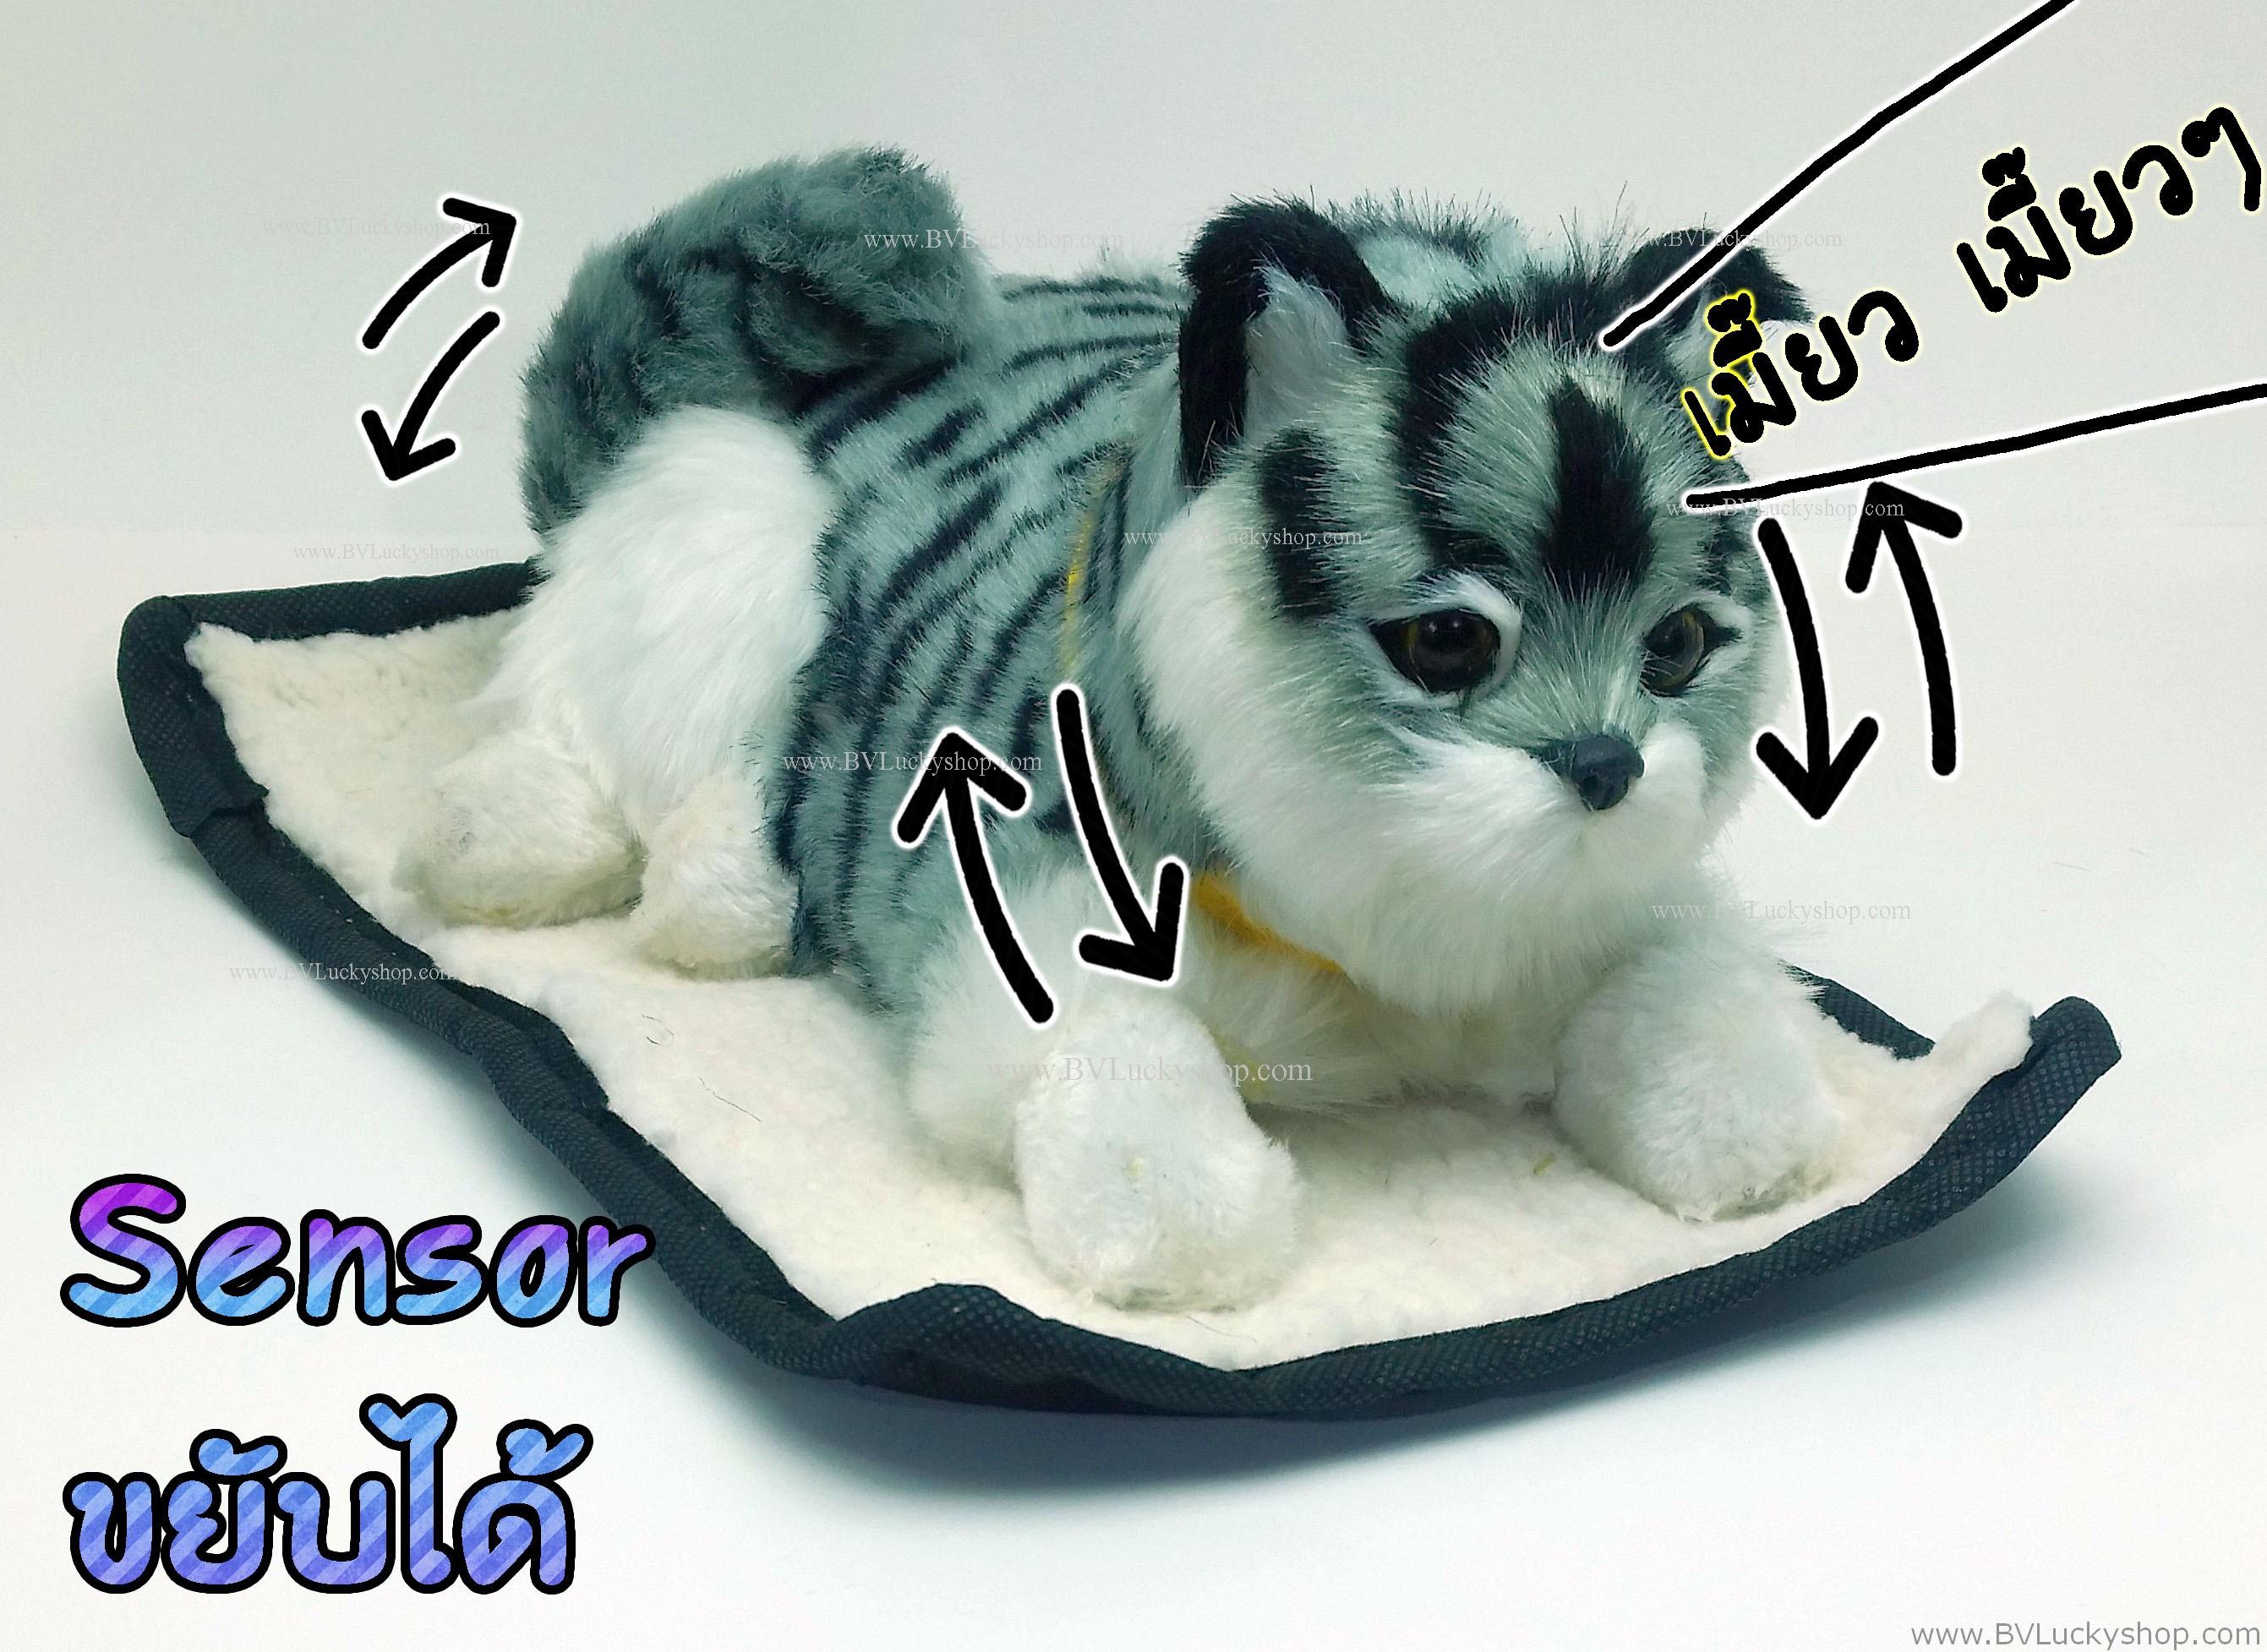 ตุ๊กตาแมว เซ็นเซอร์จับมือผ่าน แล้วส่วนหัวและหางจะเคลื่อนไหว และมีเสียงร้องเมี้ยวด้วย [Cat-SS2]